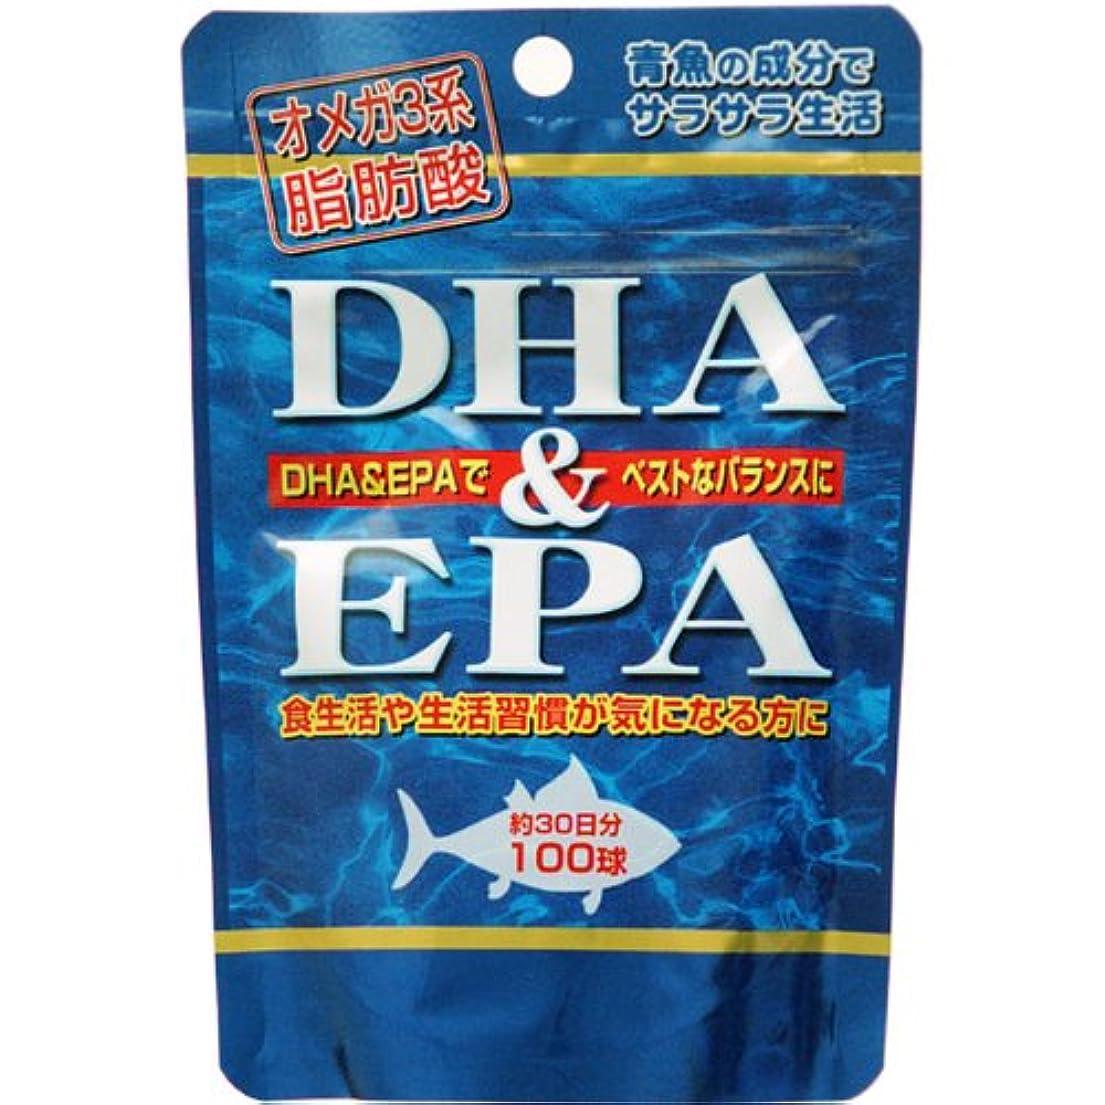 母封筒まぶしさDHA(ドコサヘキサエン酸)&EPA(エイコサペンタエン酸)